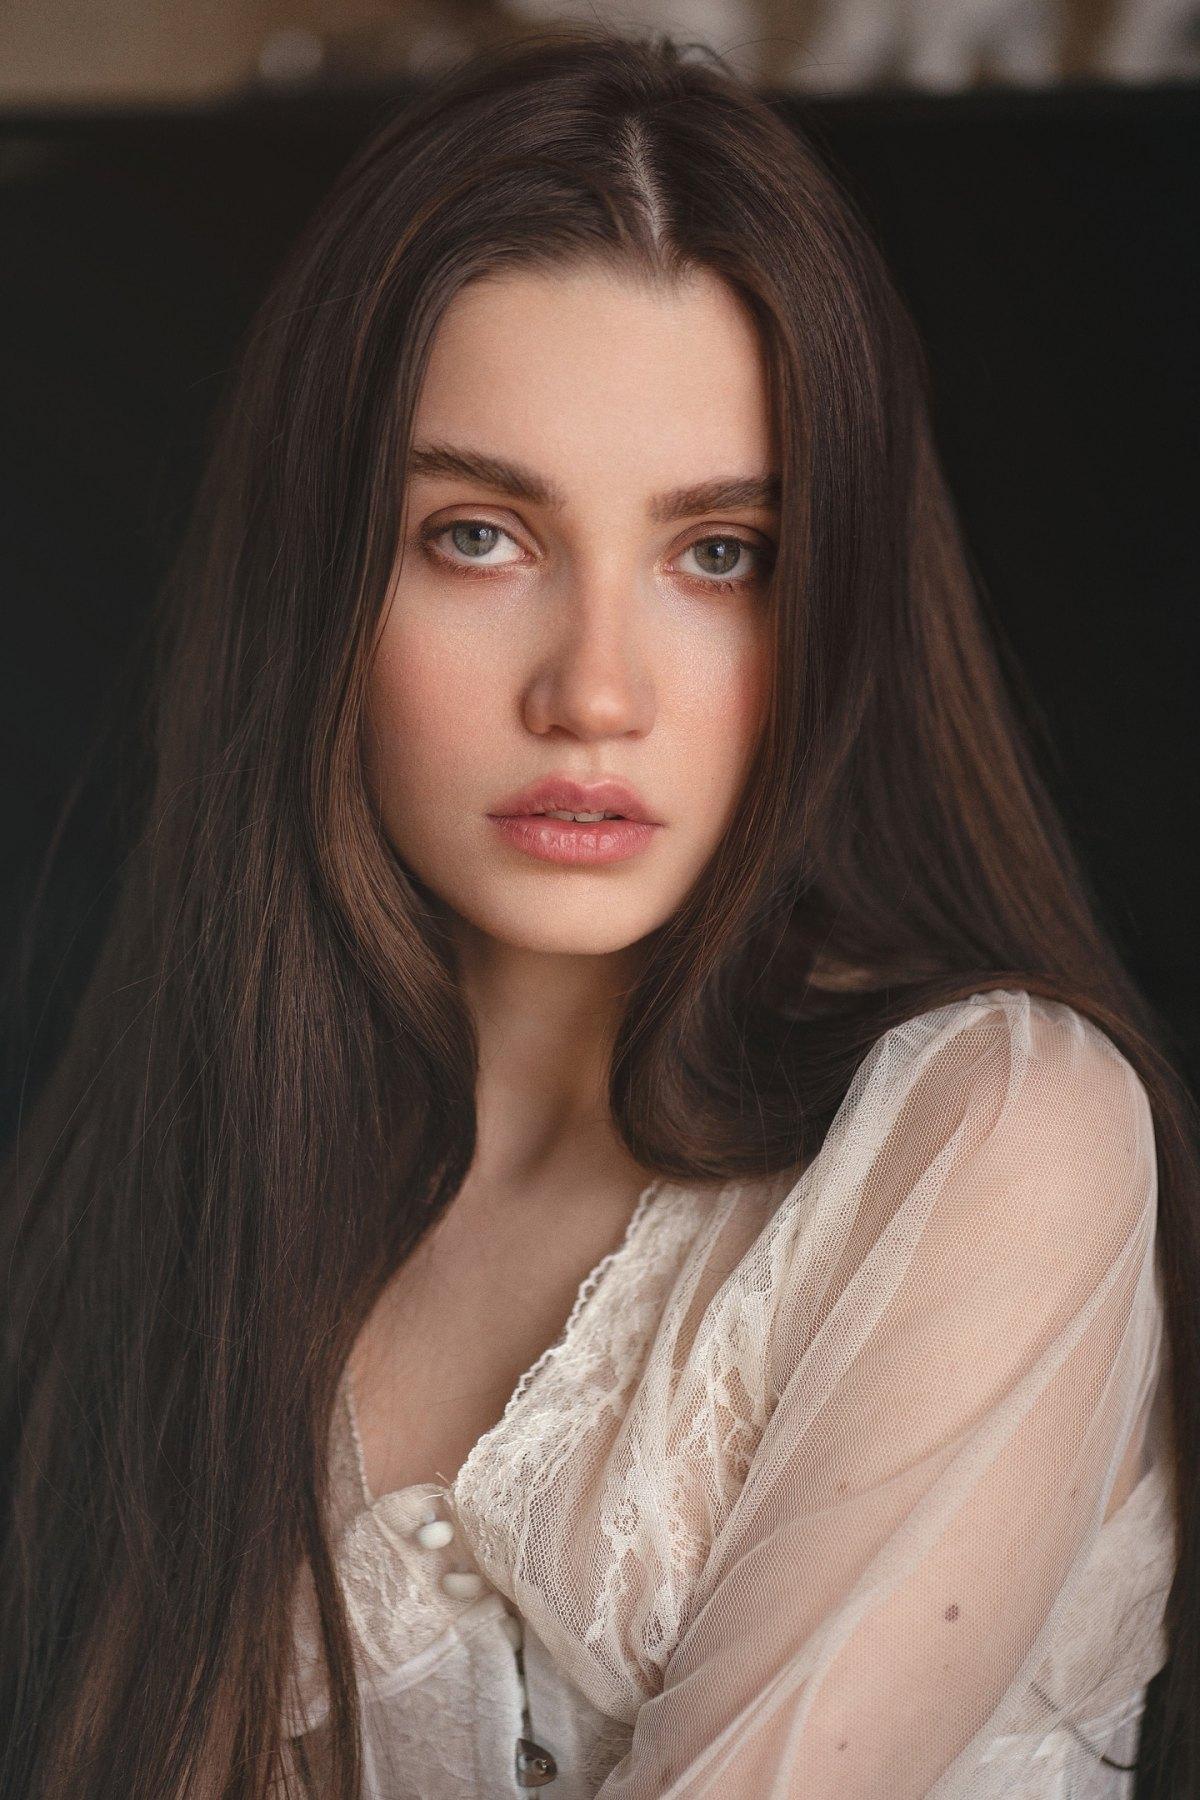 Natalie by Diana Askarova